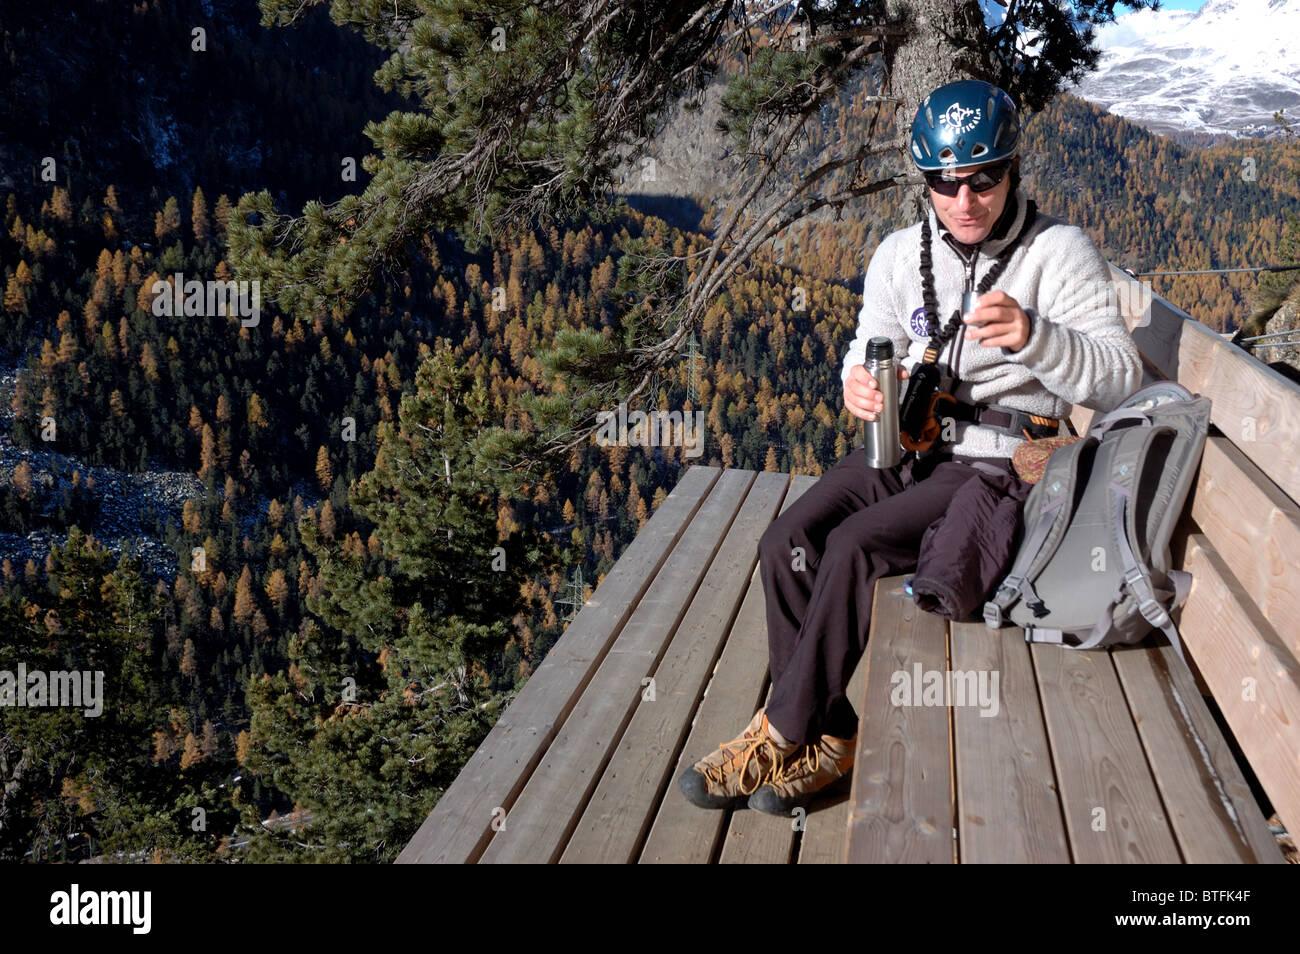 Klettersteig La Resgia : Bergsteiger sitzen auf einer bank halber höhe la resgia ein